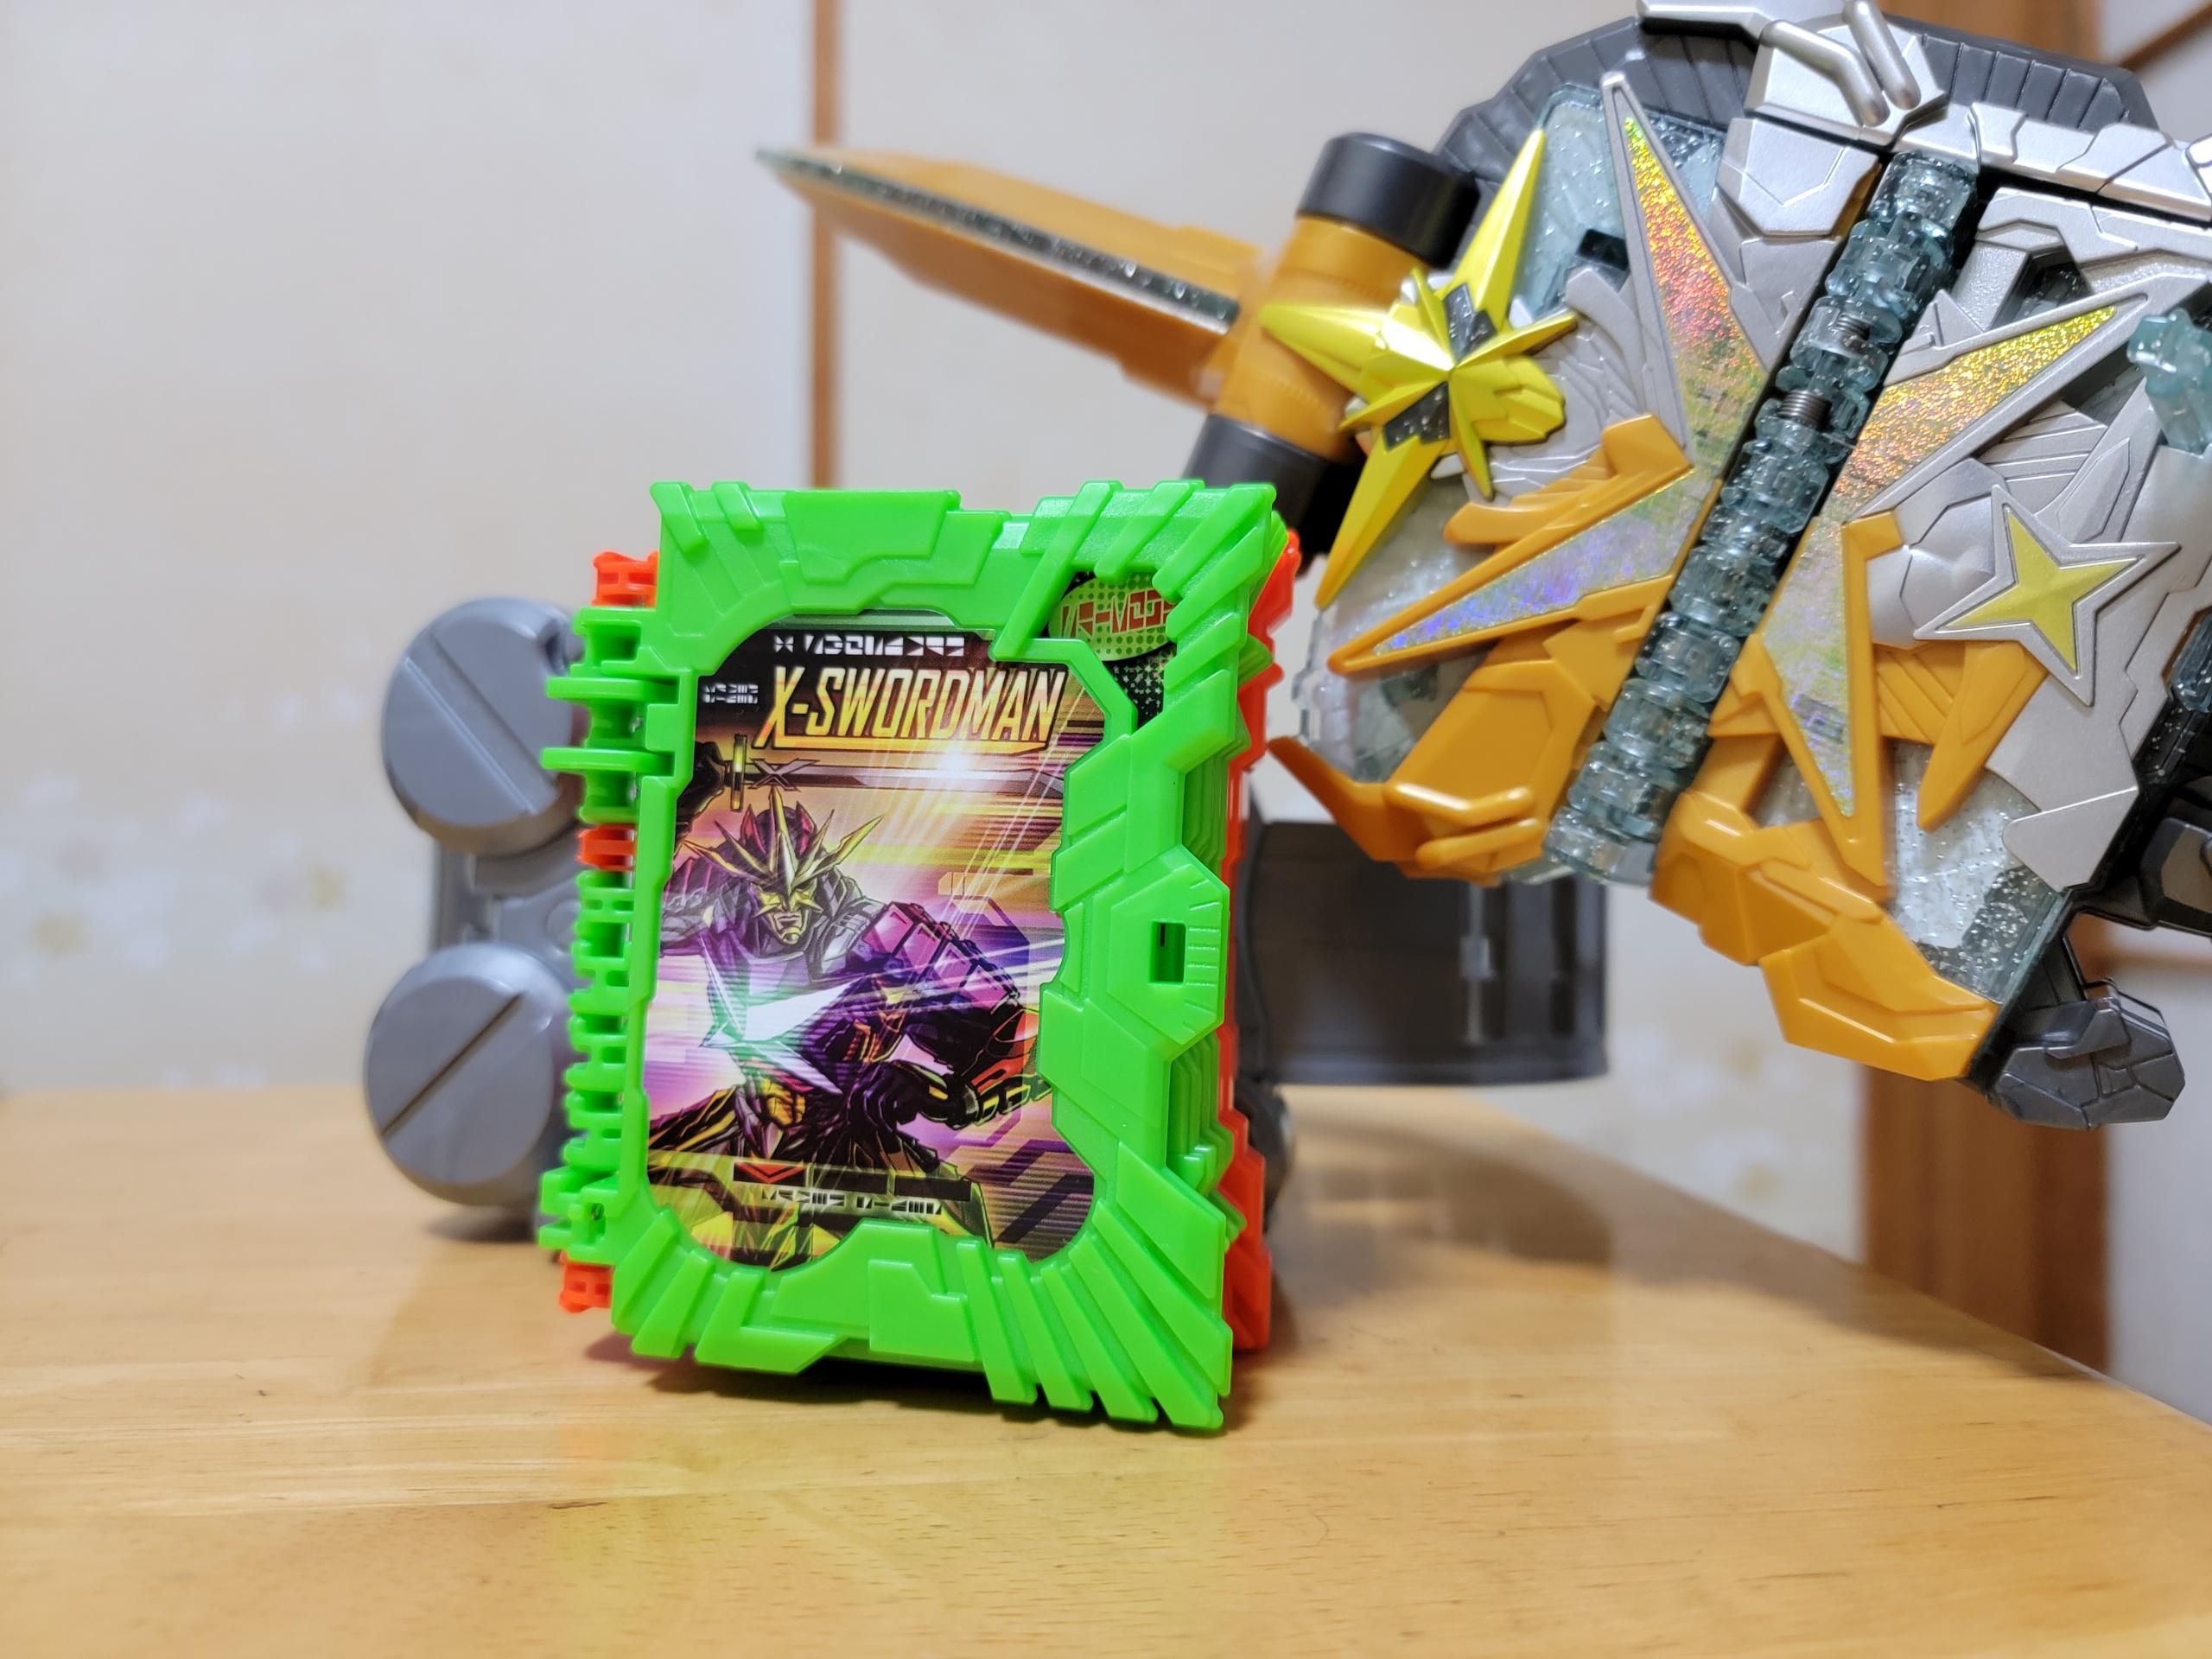 ライダー エックス 仮面 ソードマン 光 最